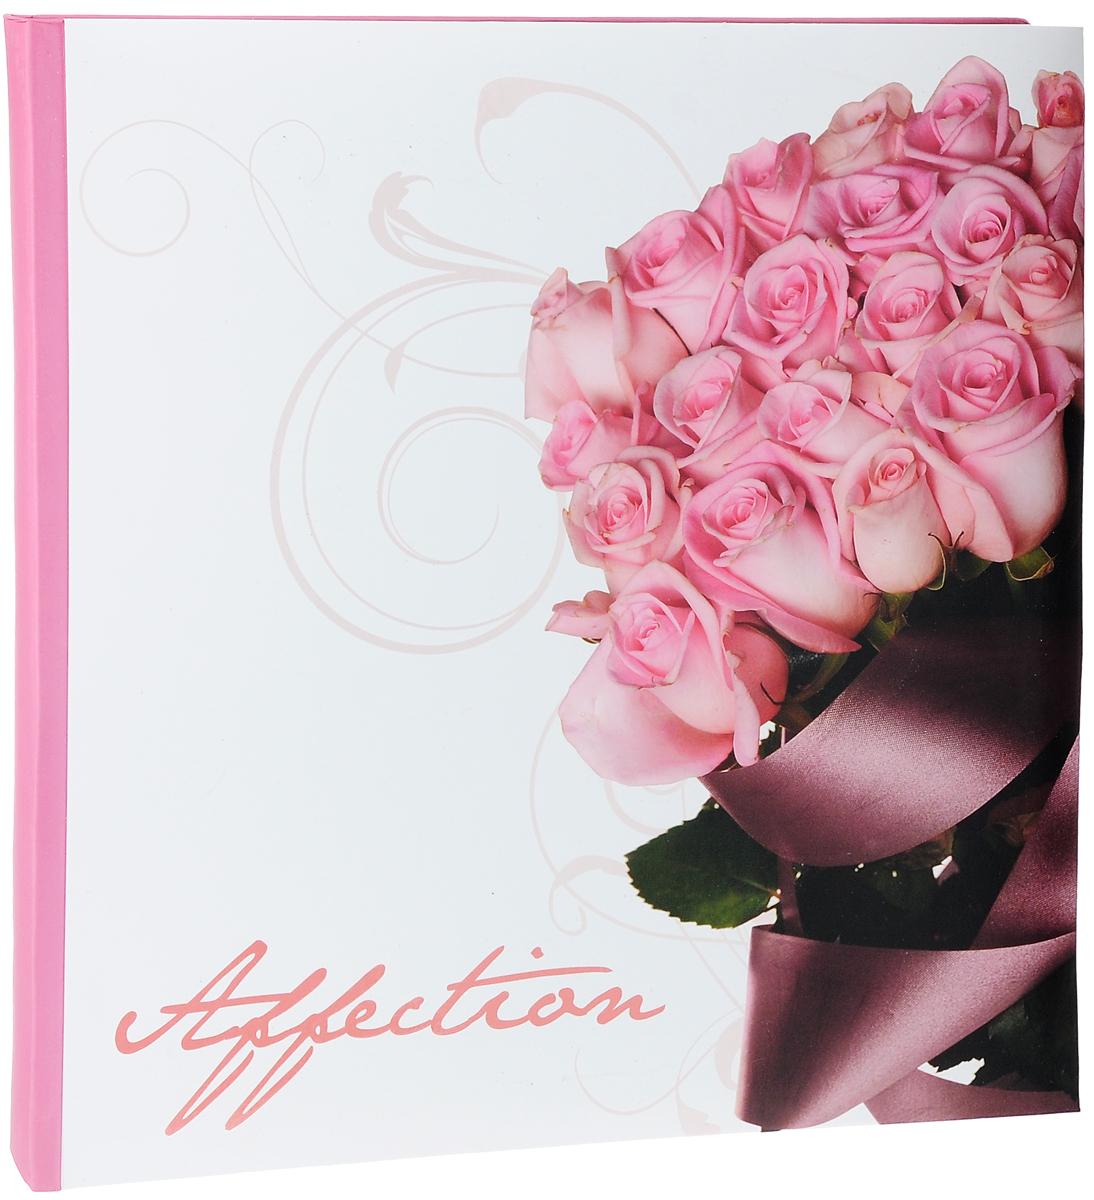 Фотоальбом Pioneer Romantic flower, 40 магнитных страниц, 31,5 х 31,7 см27506_розыФотоальбом Pioneer Romantic flower сохранит моменты ваших счастливых мгновений на своих страницах. Обложка выполнена из плотного картона и оформлена красочным рисунком и надписью. Переплет книжный. Альбом имеет магнитные листы, изготовленные из картона с покрытием ПВХ-пленкой. Такие листы обладают следующими преимуществами: - Не нужно прикладывать усилий для закрепления фотографий, - Не нужно заботиться о размерах фотографий, так как вы можете вставить в альбом фотографии разных размеров, - Защита фотографий от постоянных прикосновений зрителей с помощью пленки ПВХ. Нам всегда так приятно вспоминать о самых счастливых моментах жизни, запечатленных на фотографиях. Поэтому фотоальбом является универсальным подарком к любому празднику. вашим родным, близким и просто знакомым будет приятно помещать фотографии в этот альбом. Количество листов: 40 шт. Размер листа: 31,5 х 31,7 см.